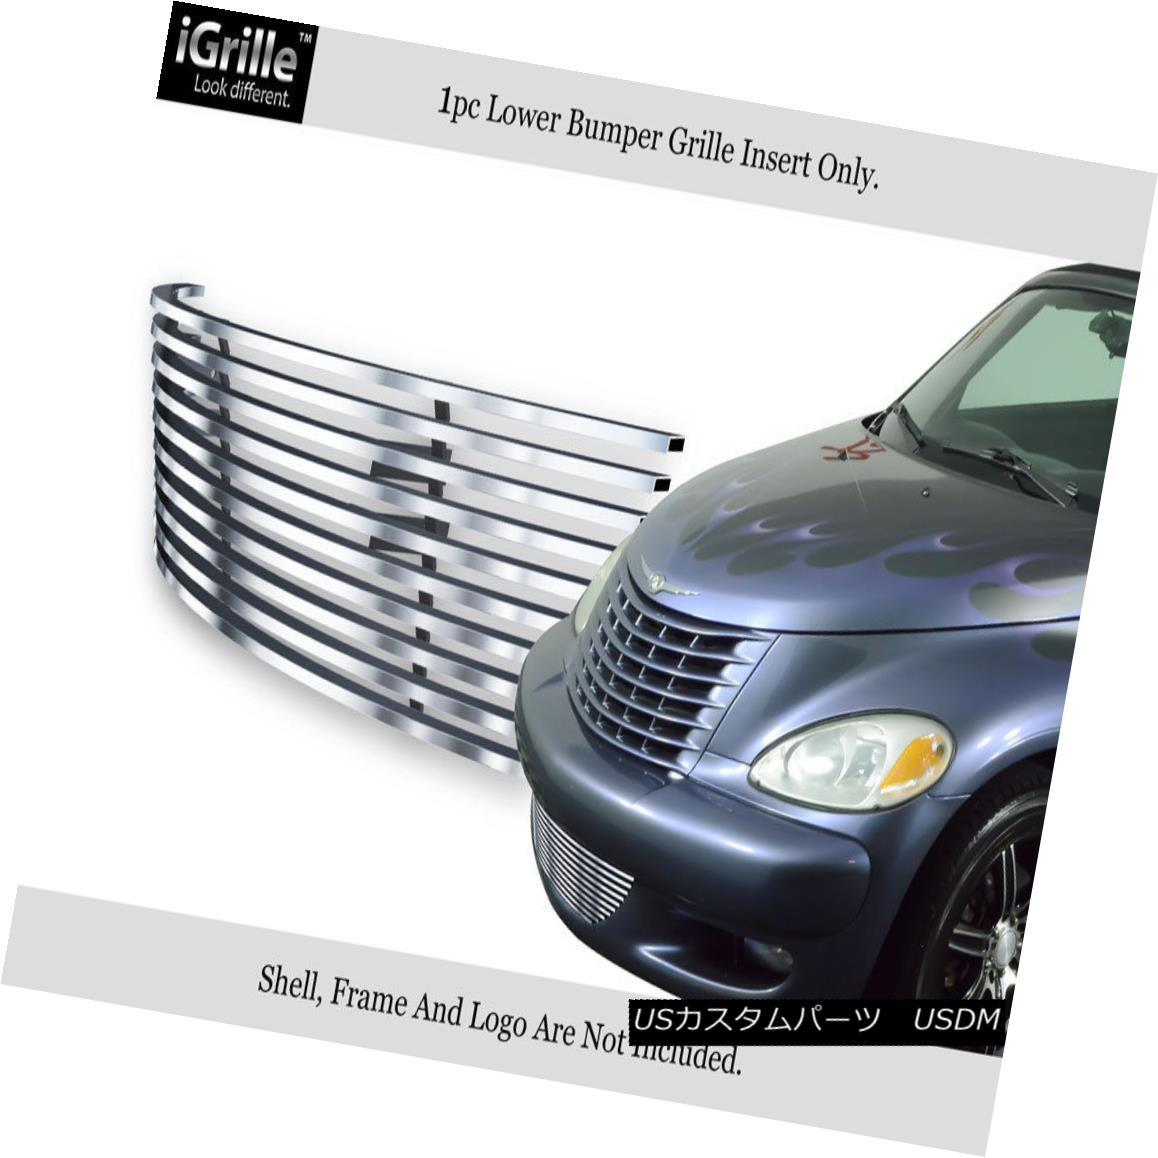 グリル Fits 2000-2005 Chrysler PT Cruiser Bumper Stainless Steel Billet Grille Insert 適合2000-2005クライスラーPTクルーザーバンパーステンレス鋼ビレットグリルインサート